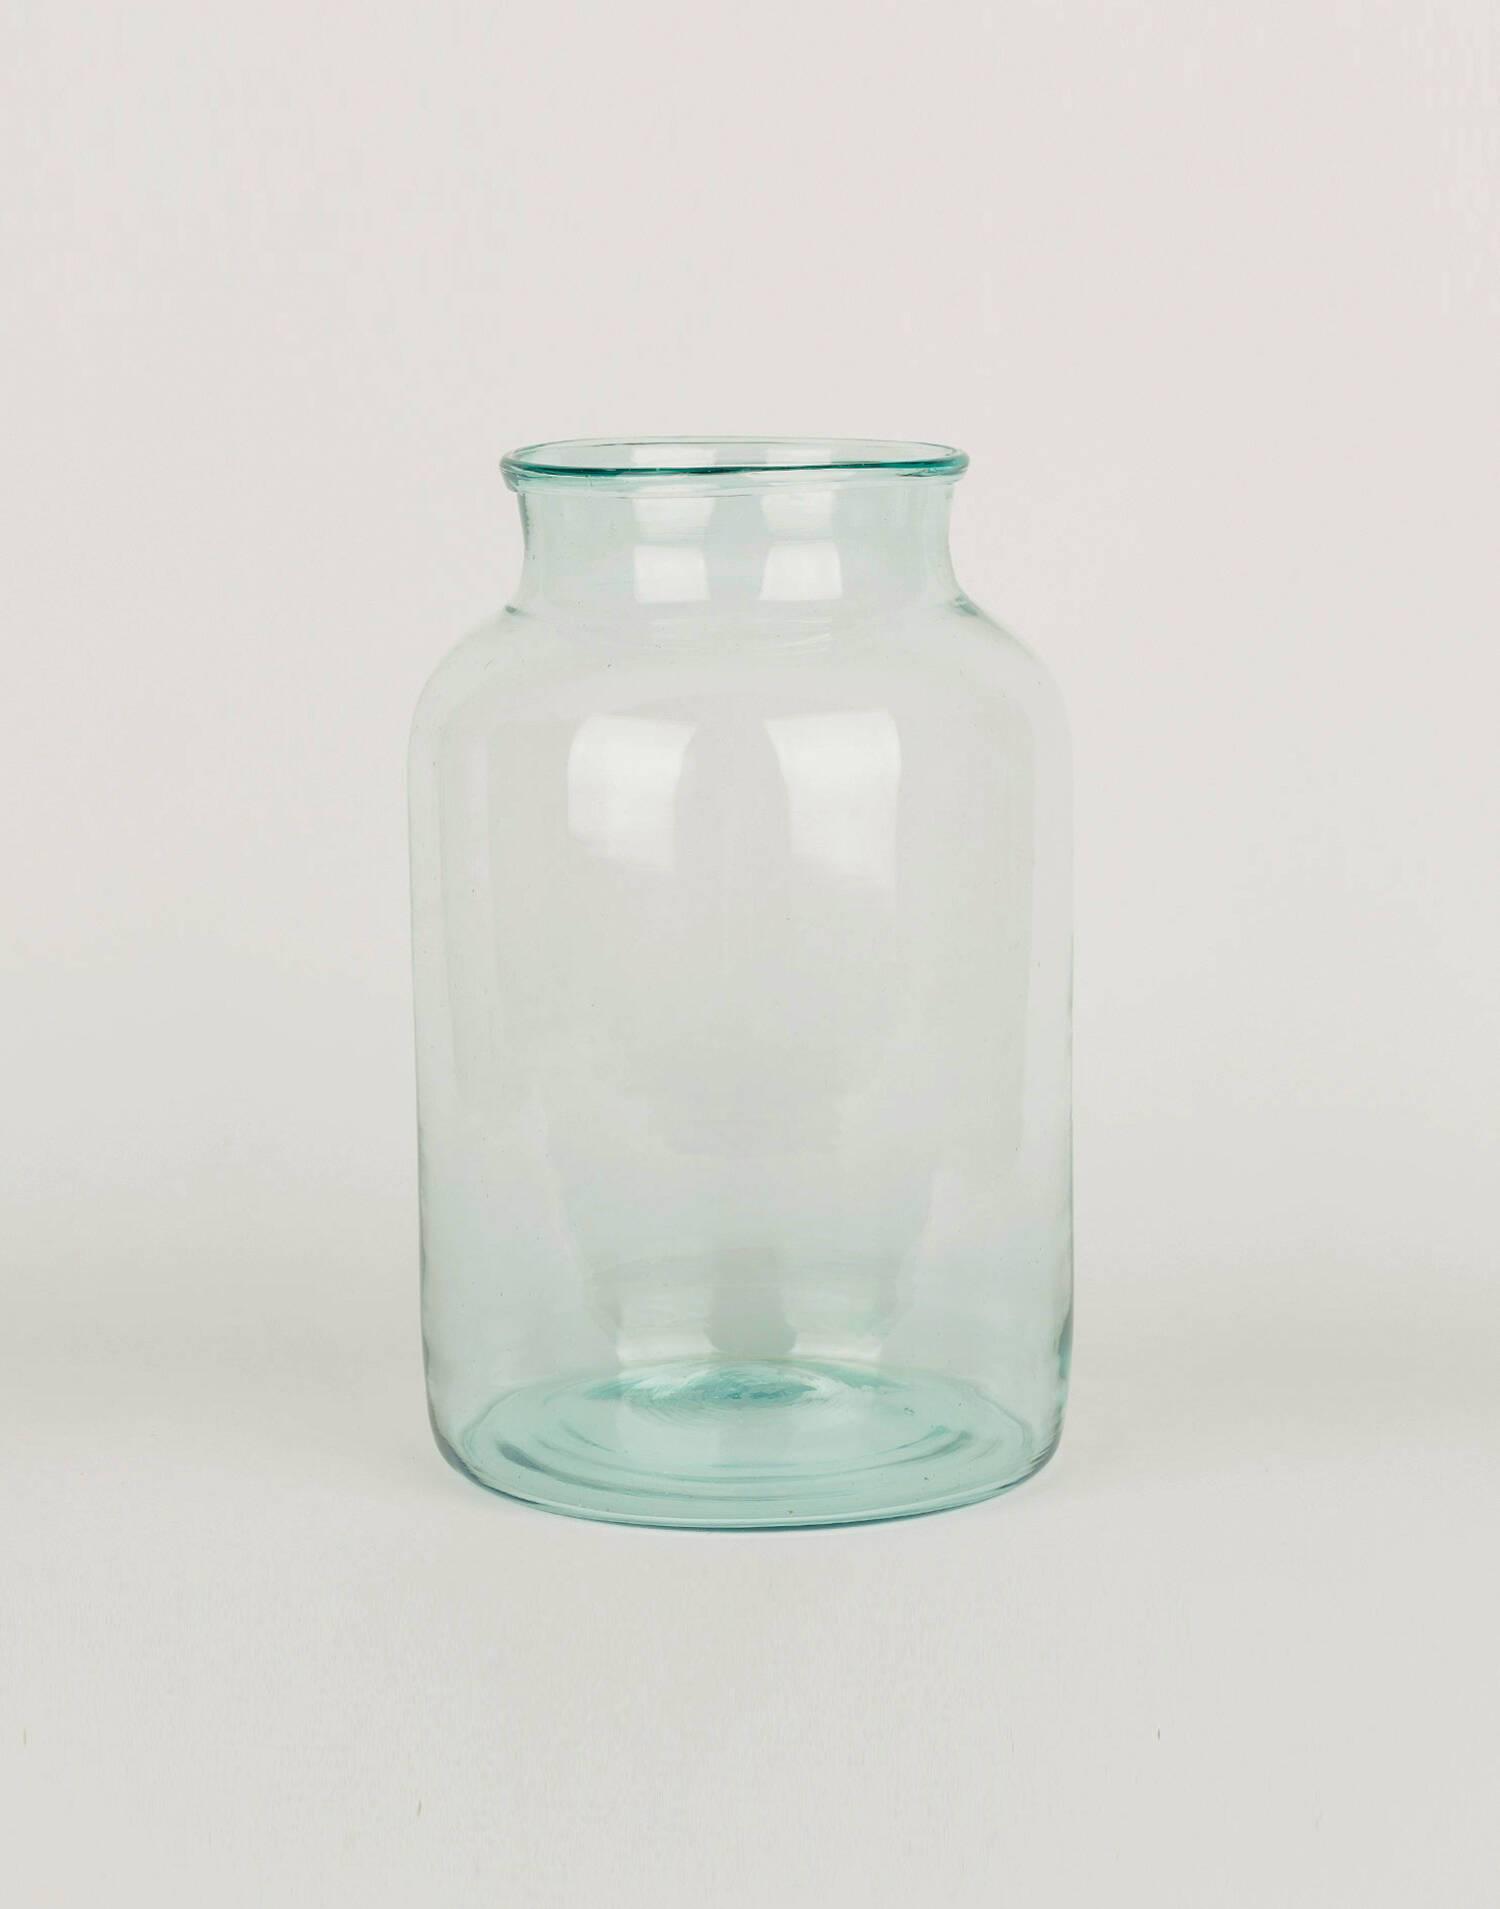 Jarrón cristal grueso 21 x 31 cm